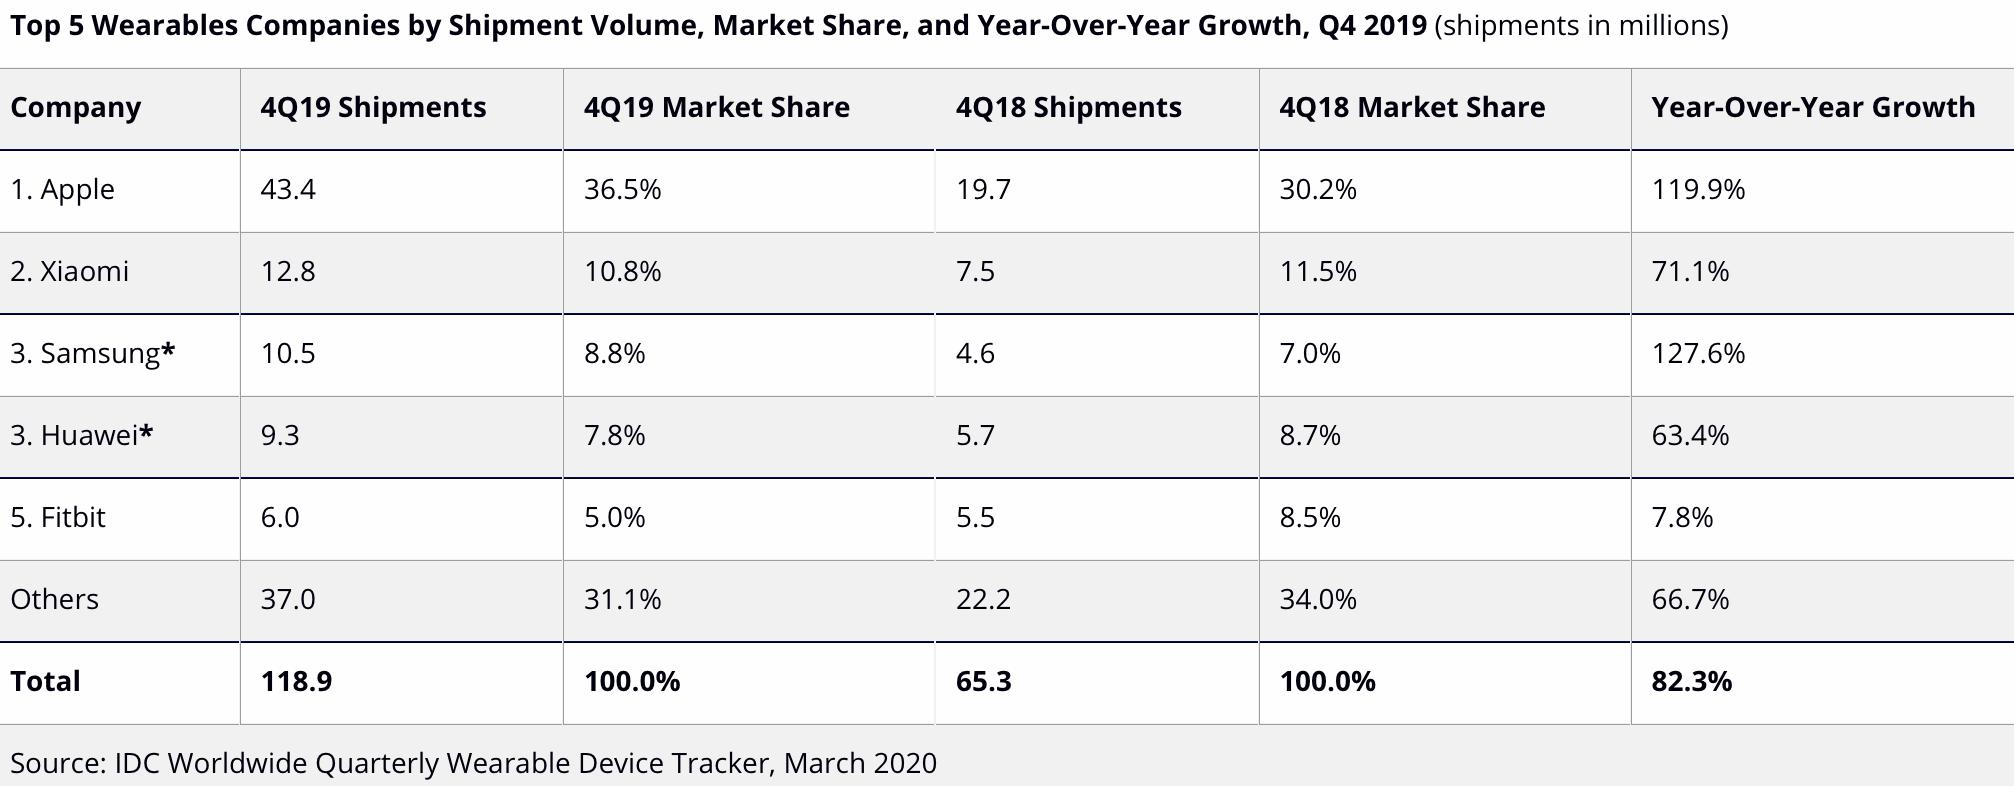 Rynek wearables w 2019 roku: imponujące wzrosty i silna pozycja Apple